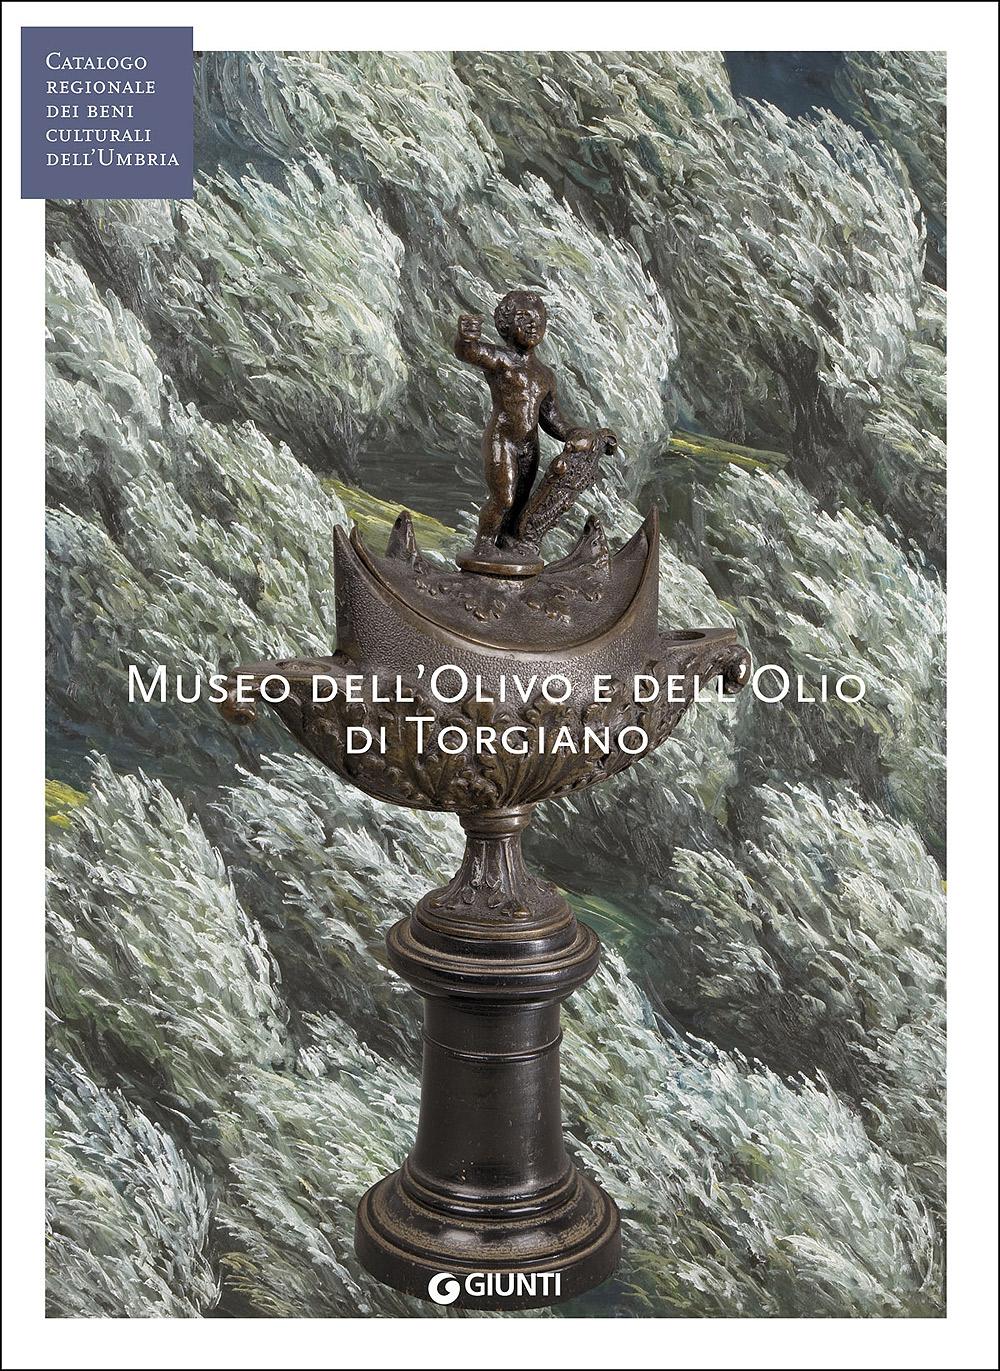 Museo dell'Olivo e dell'Olio di Torgiano